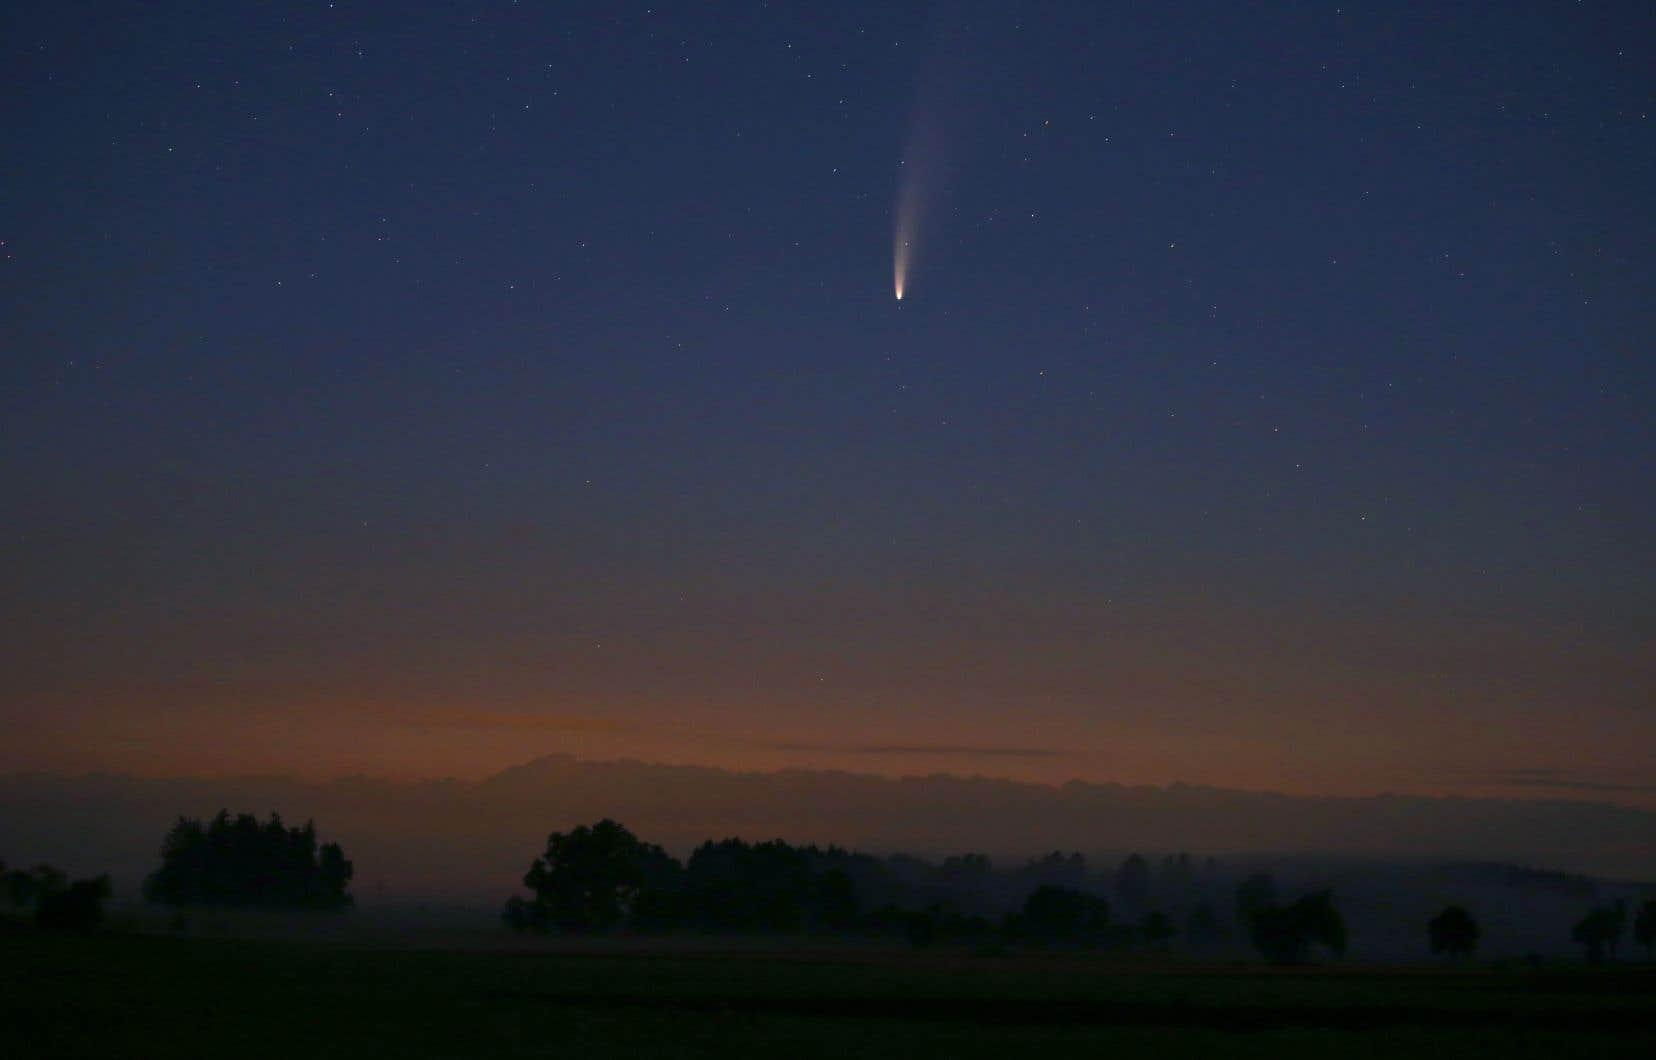 La glace contenue dans la comète s'est sublimée en gaz, créant cette longue traîne de poussières reflétant la lumière du Soleil.